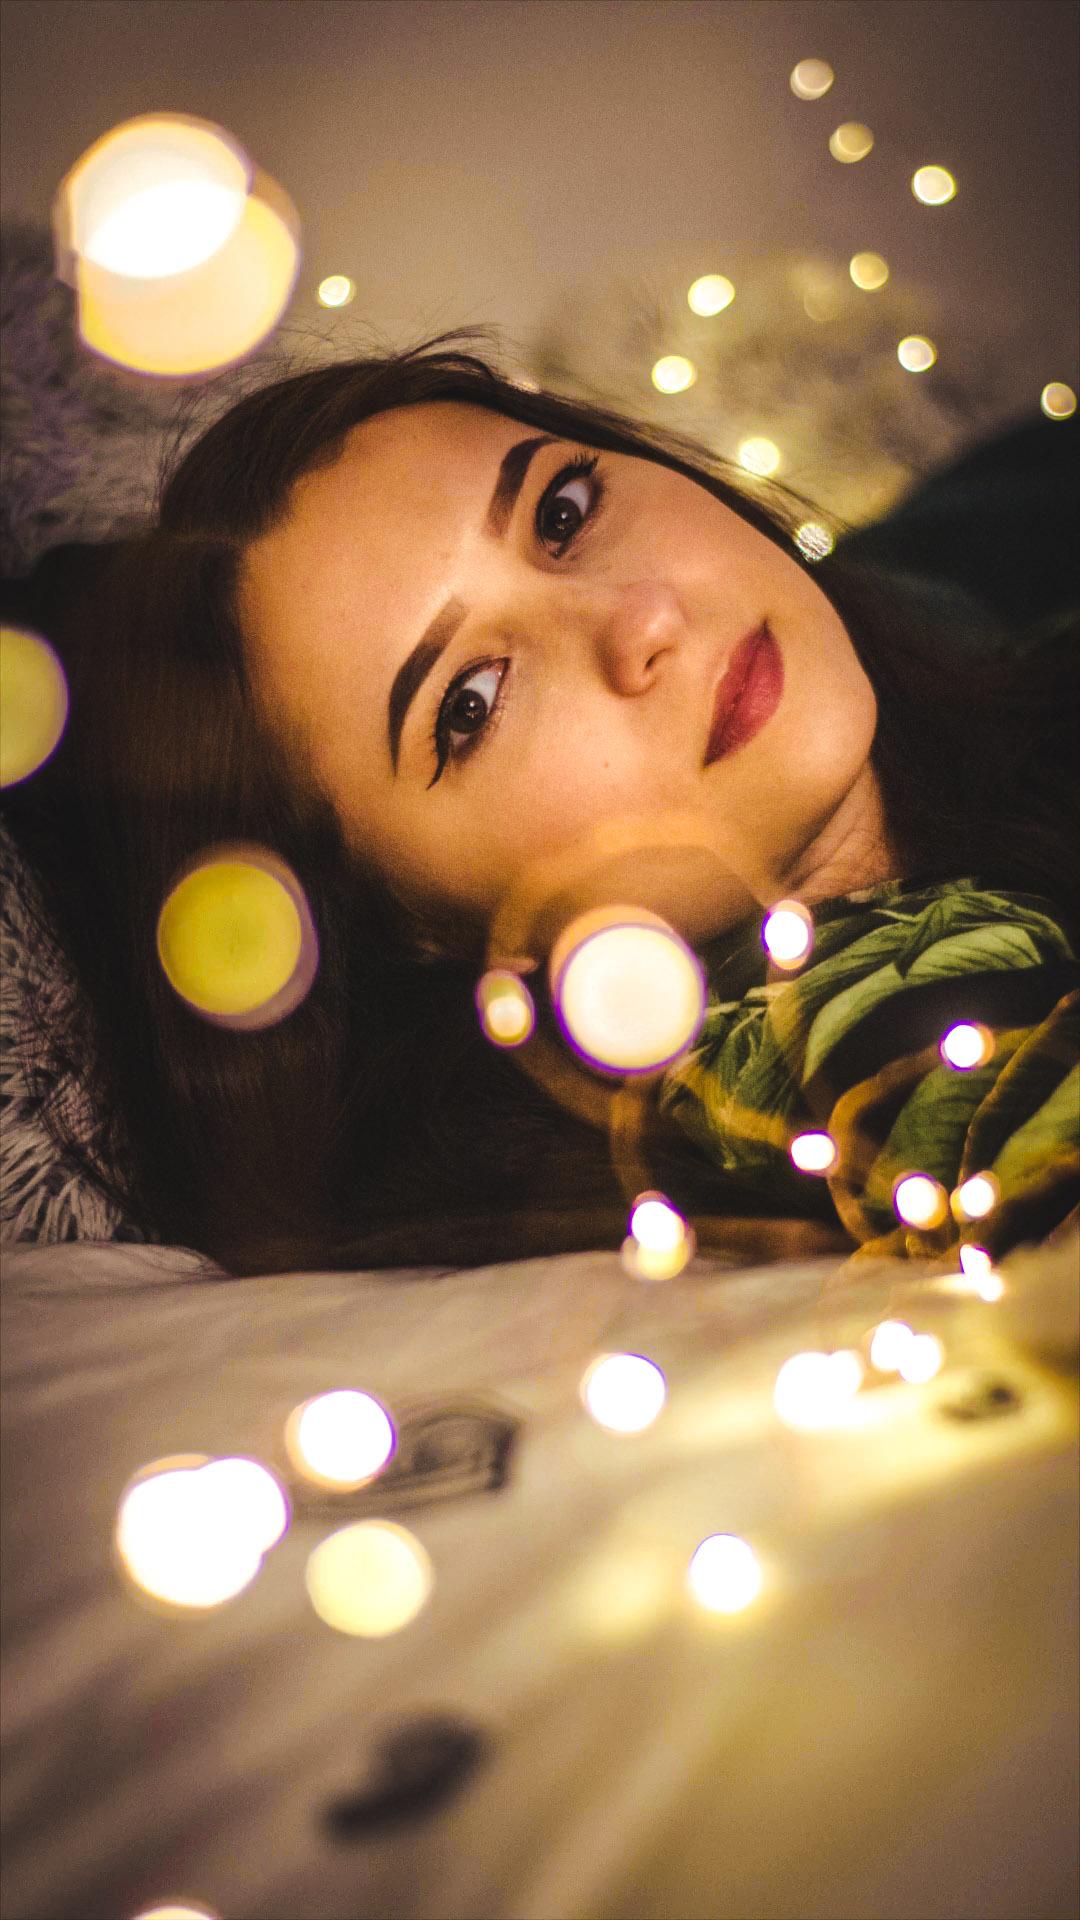 zdjęcie z rozmazanymi lampkami choinkowymi